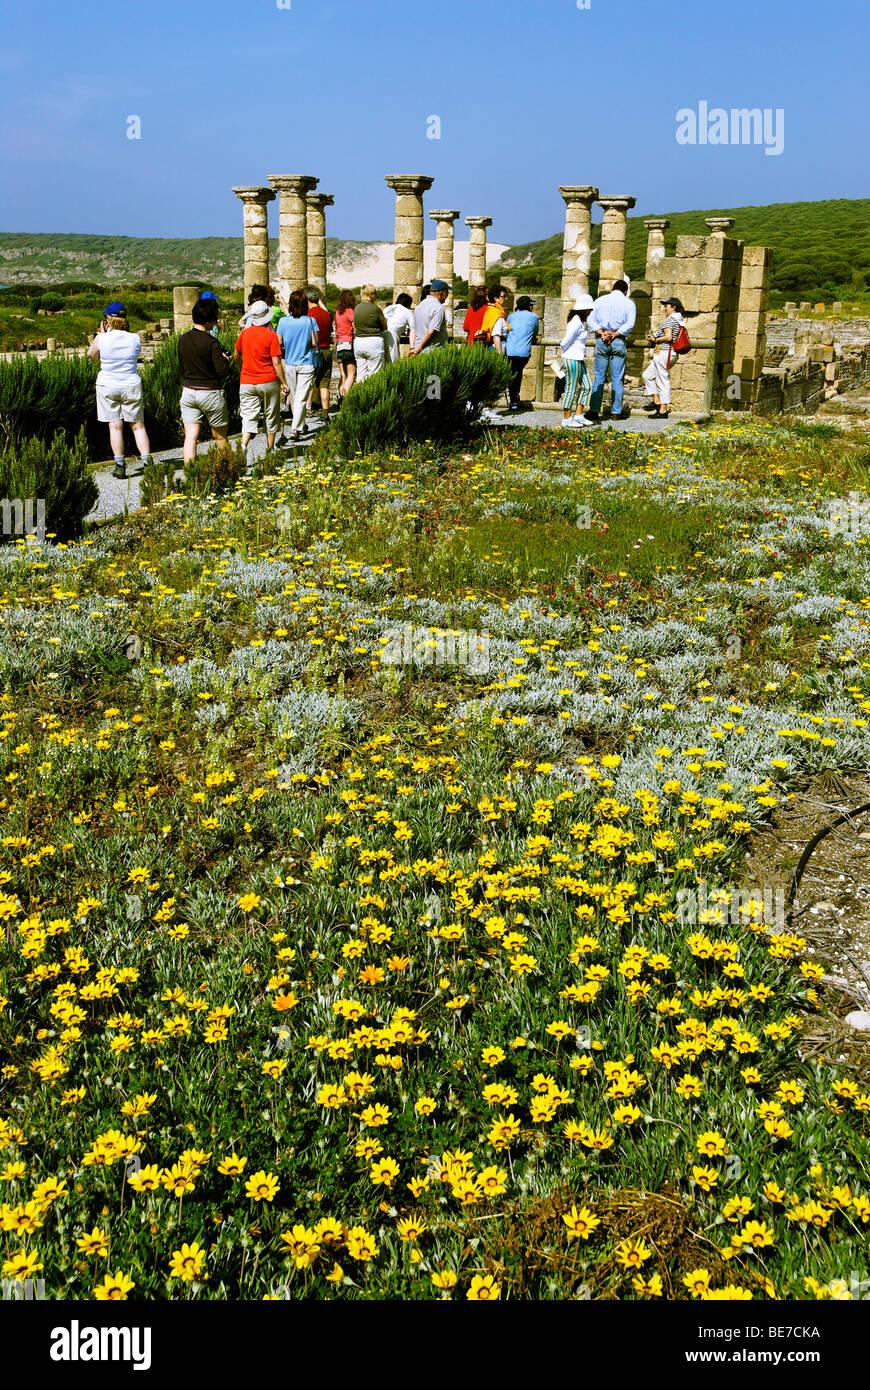 Forum, archeologic park Baelo Claudia near Tarifa, Andalusia, Spain, Europe - Stock Image